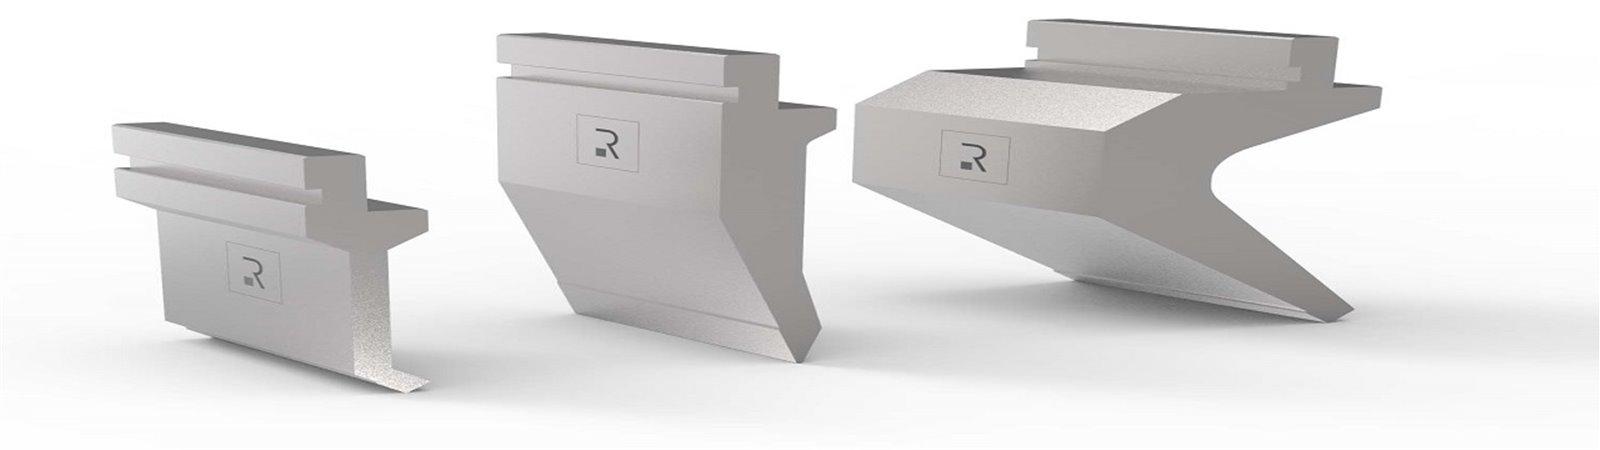 ابزارآلات خم کاری ورق